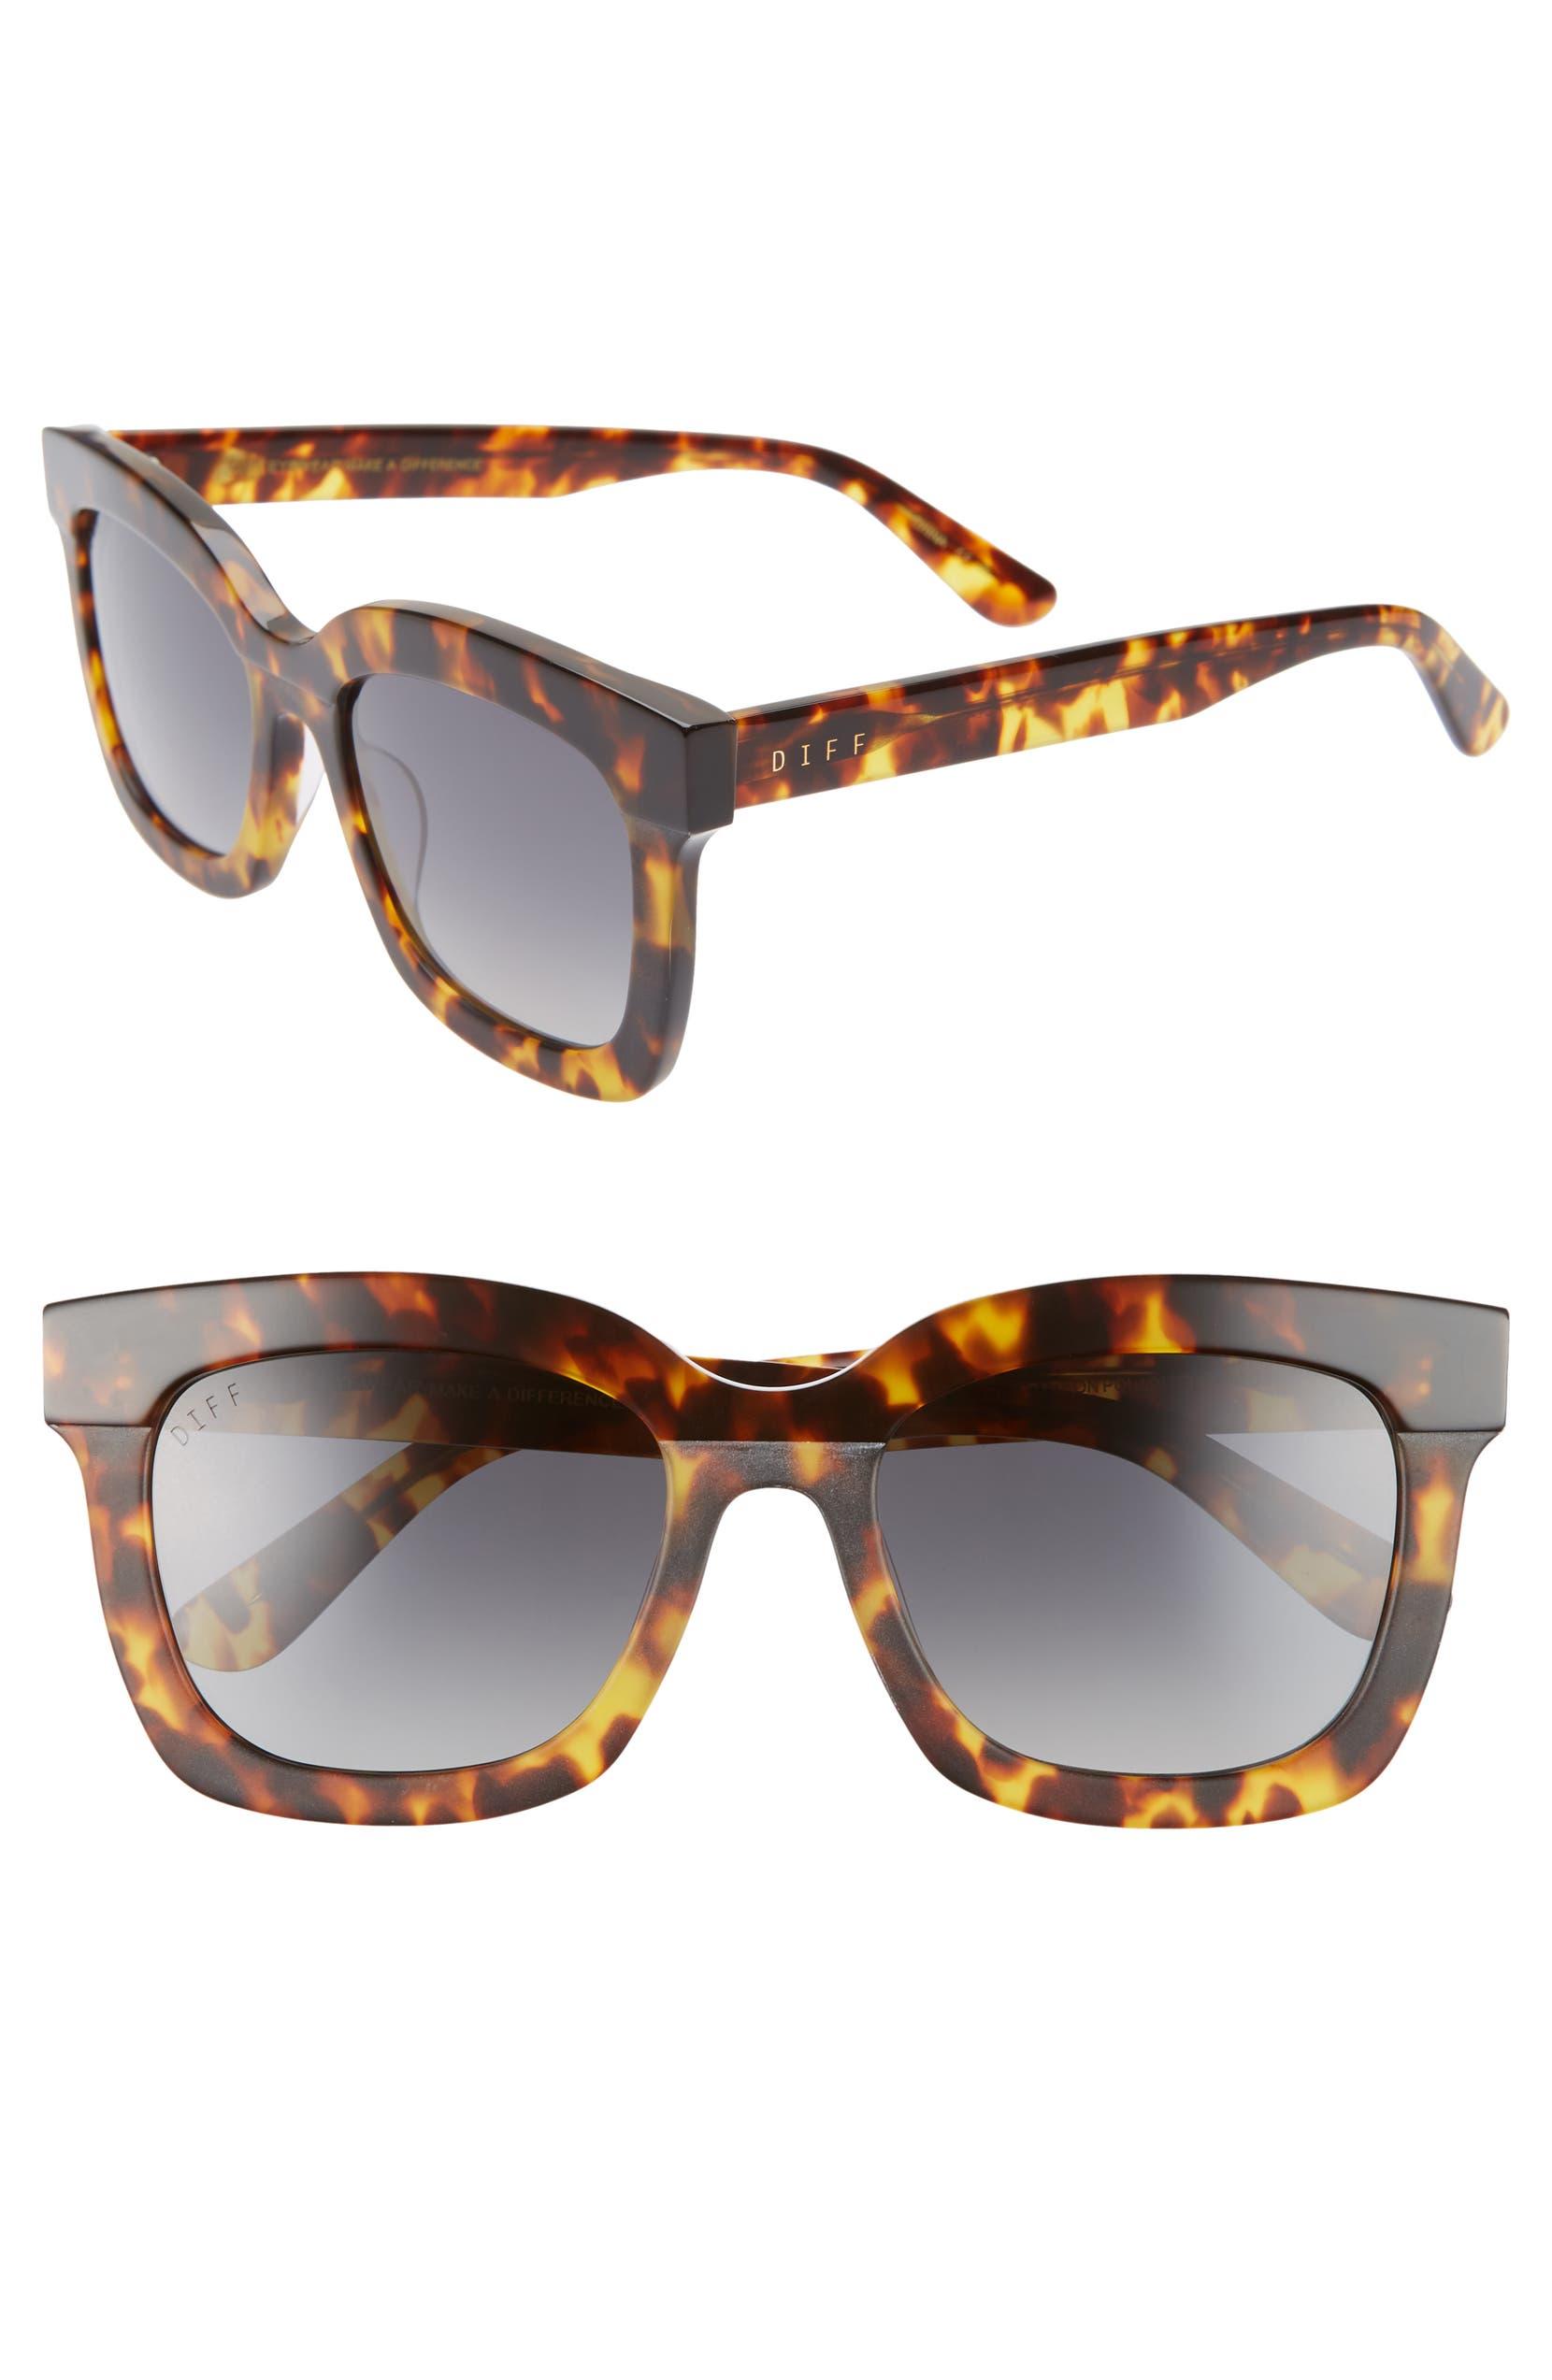 999fa038546 DIFF Carson 53mm Polarized Square Sunglasses